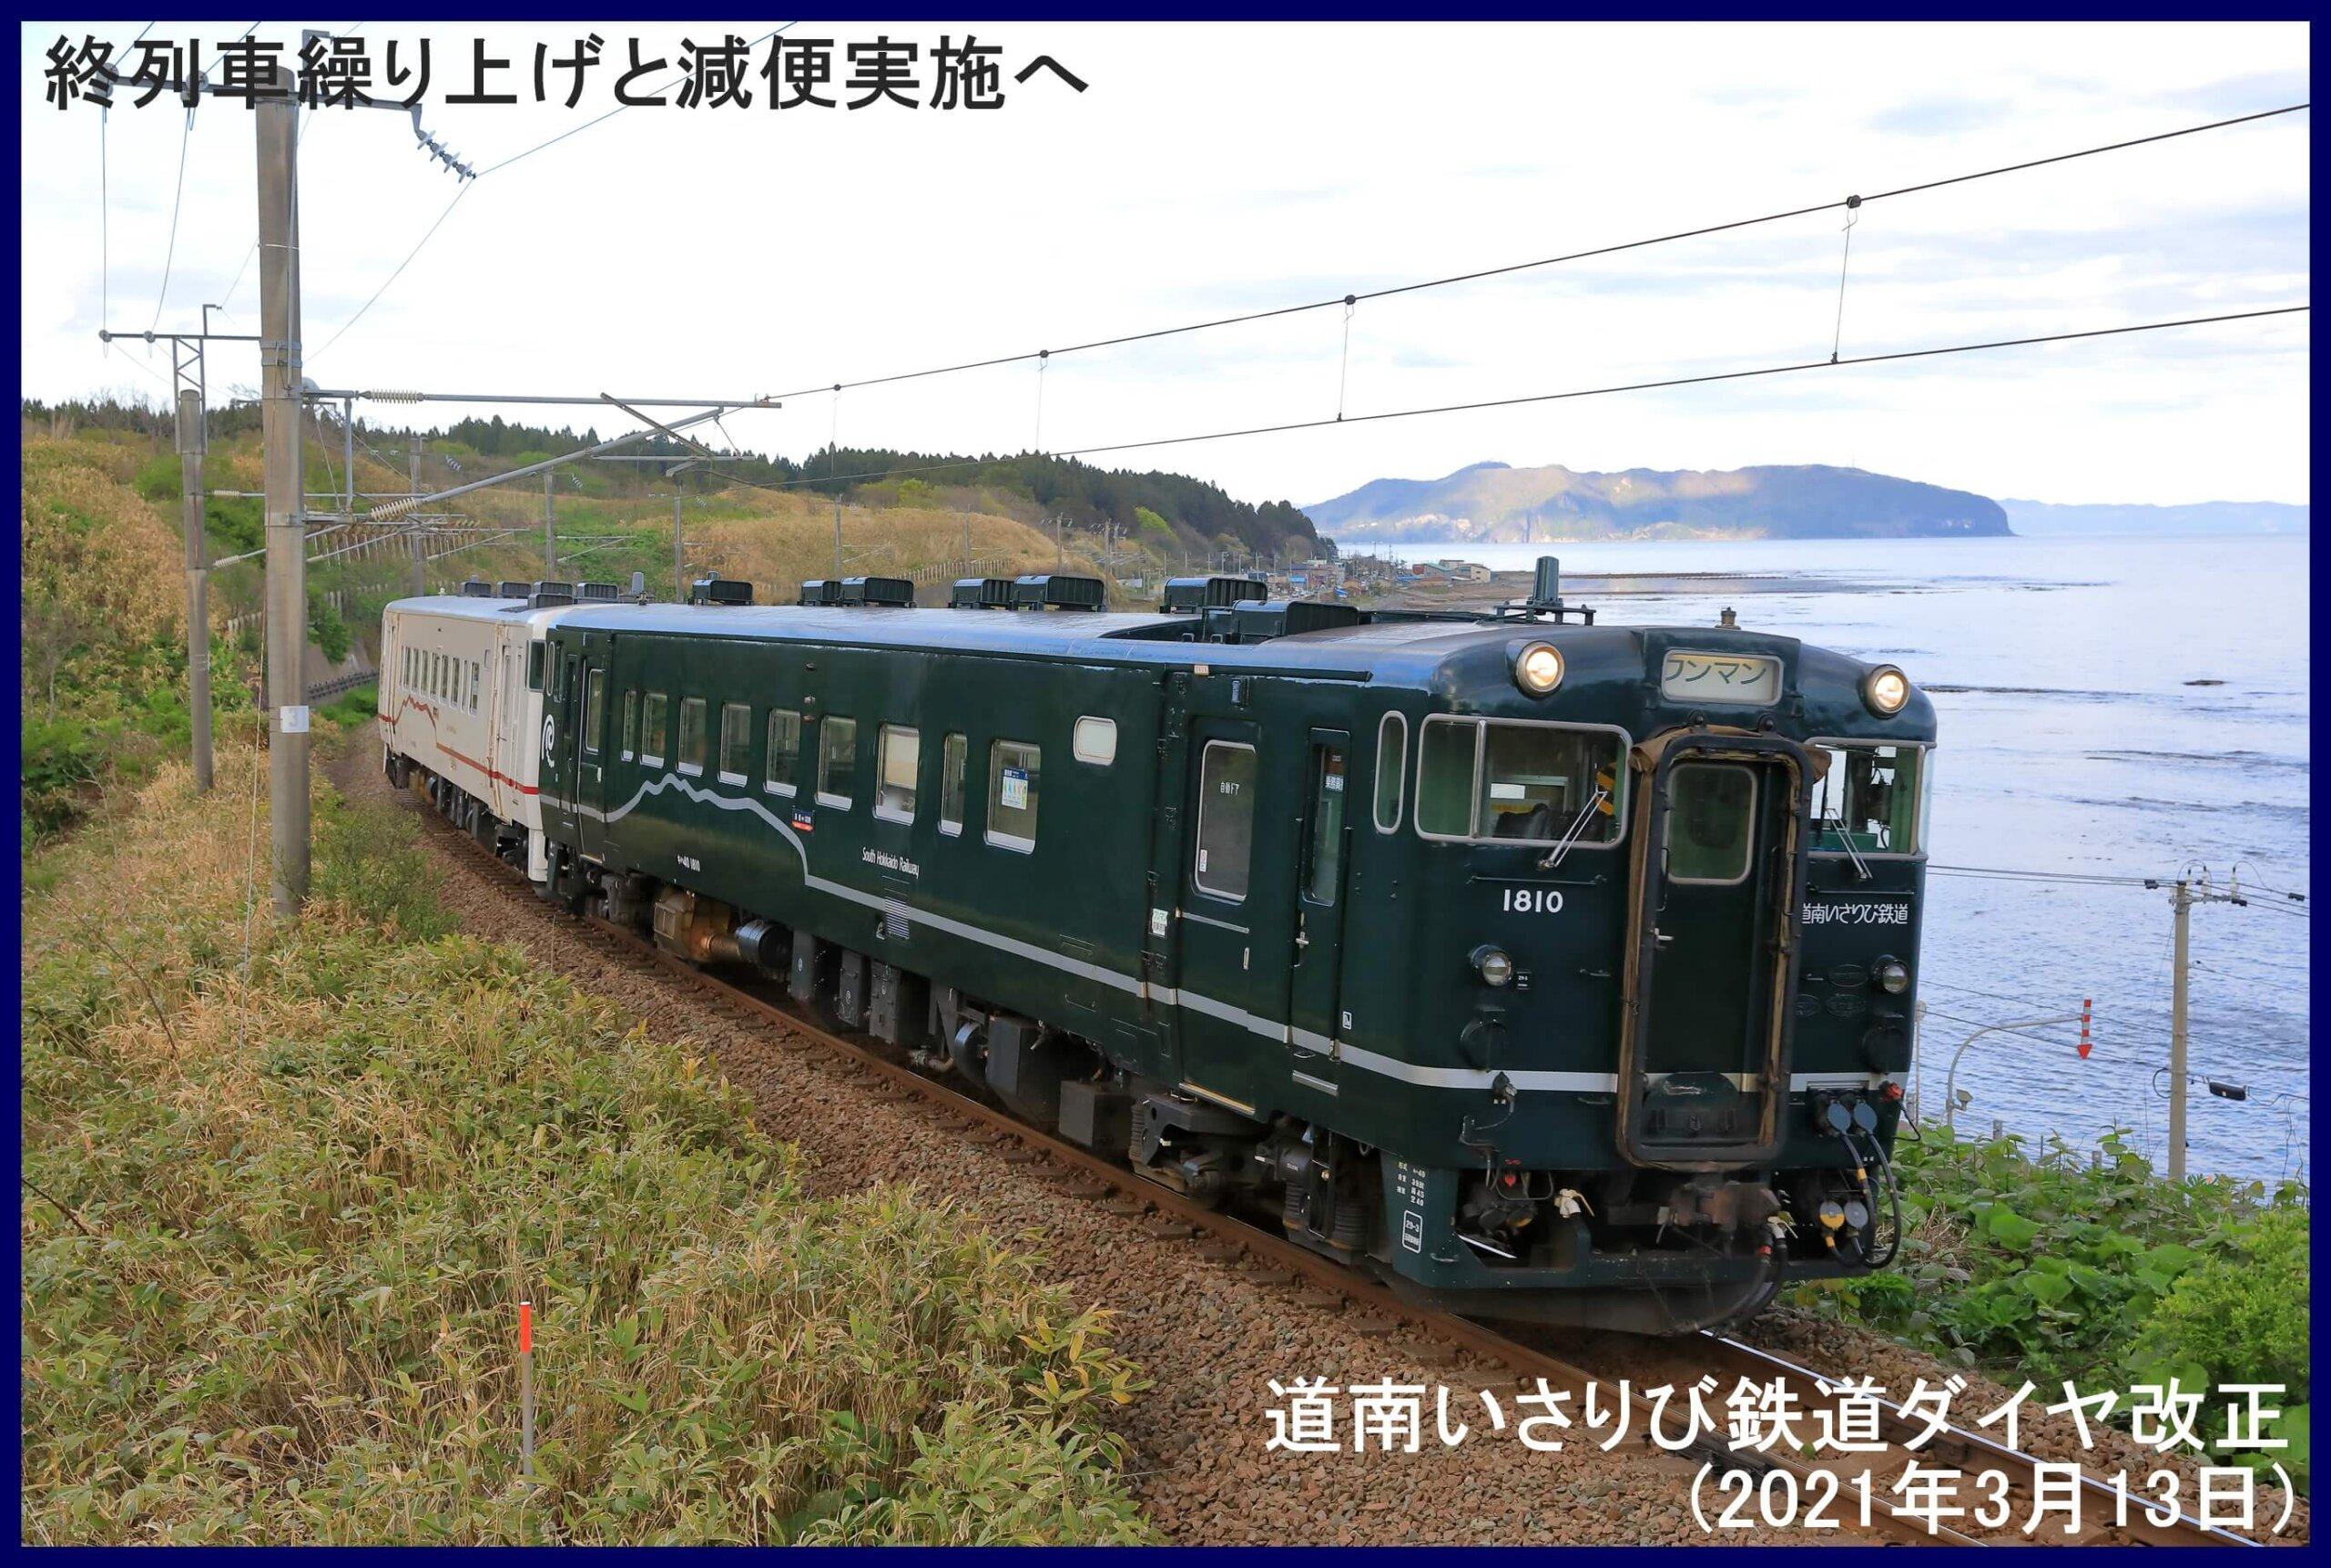 終列車繰り上げと減便実施へ 道南いさりび鉄道ダイヤ改正(2021年3月13日)